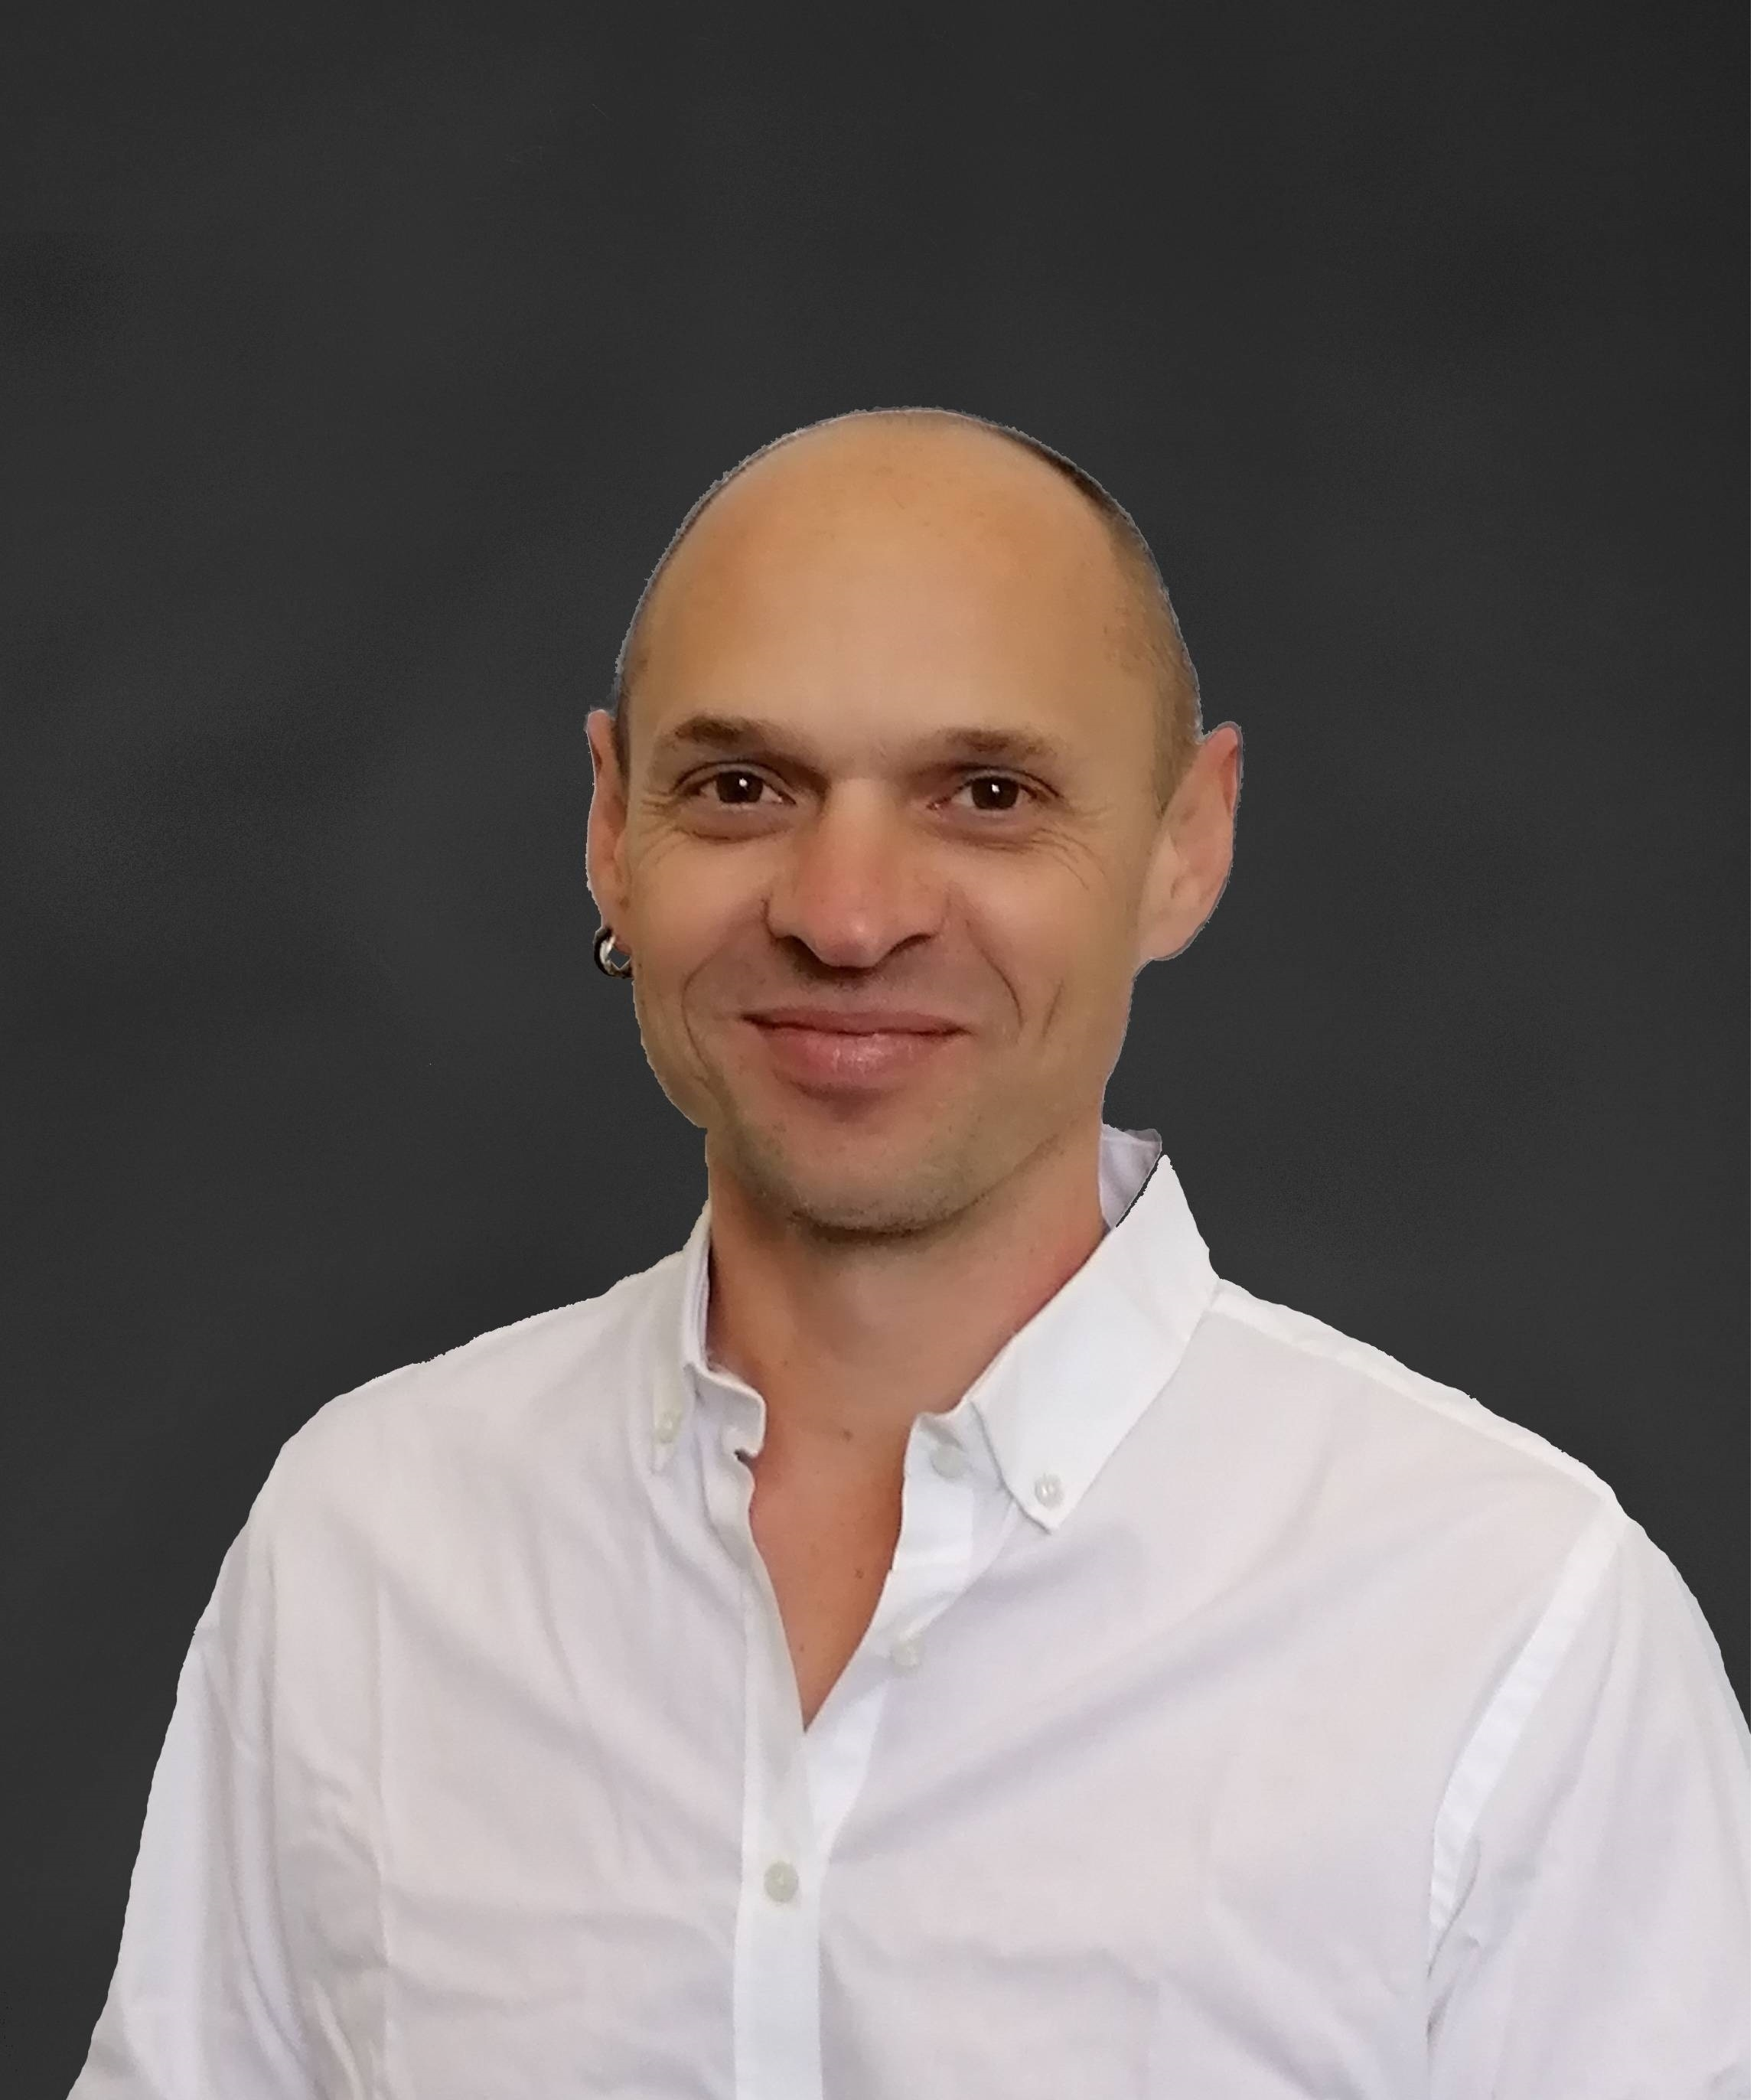 Rolf Schlegel*